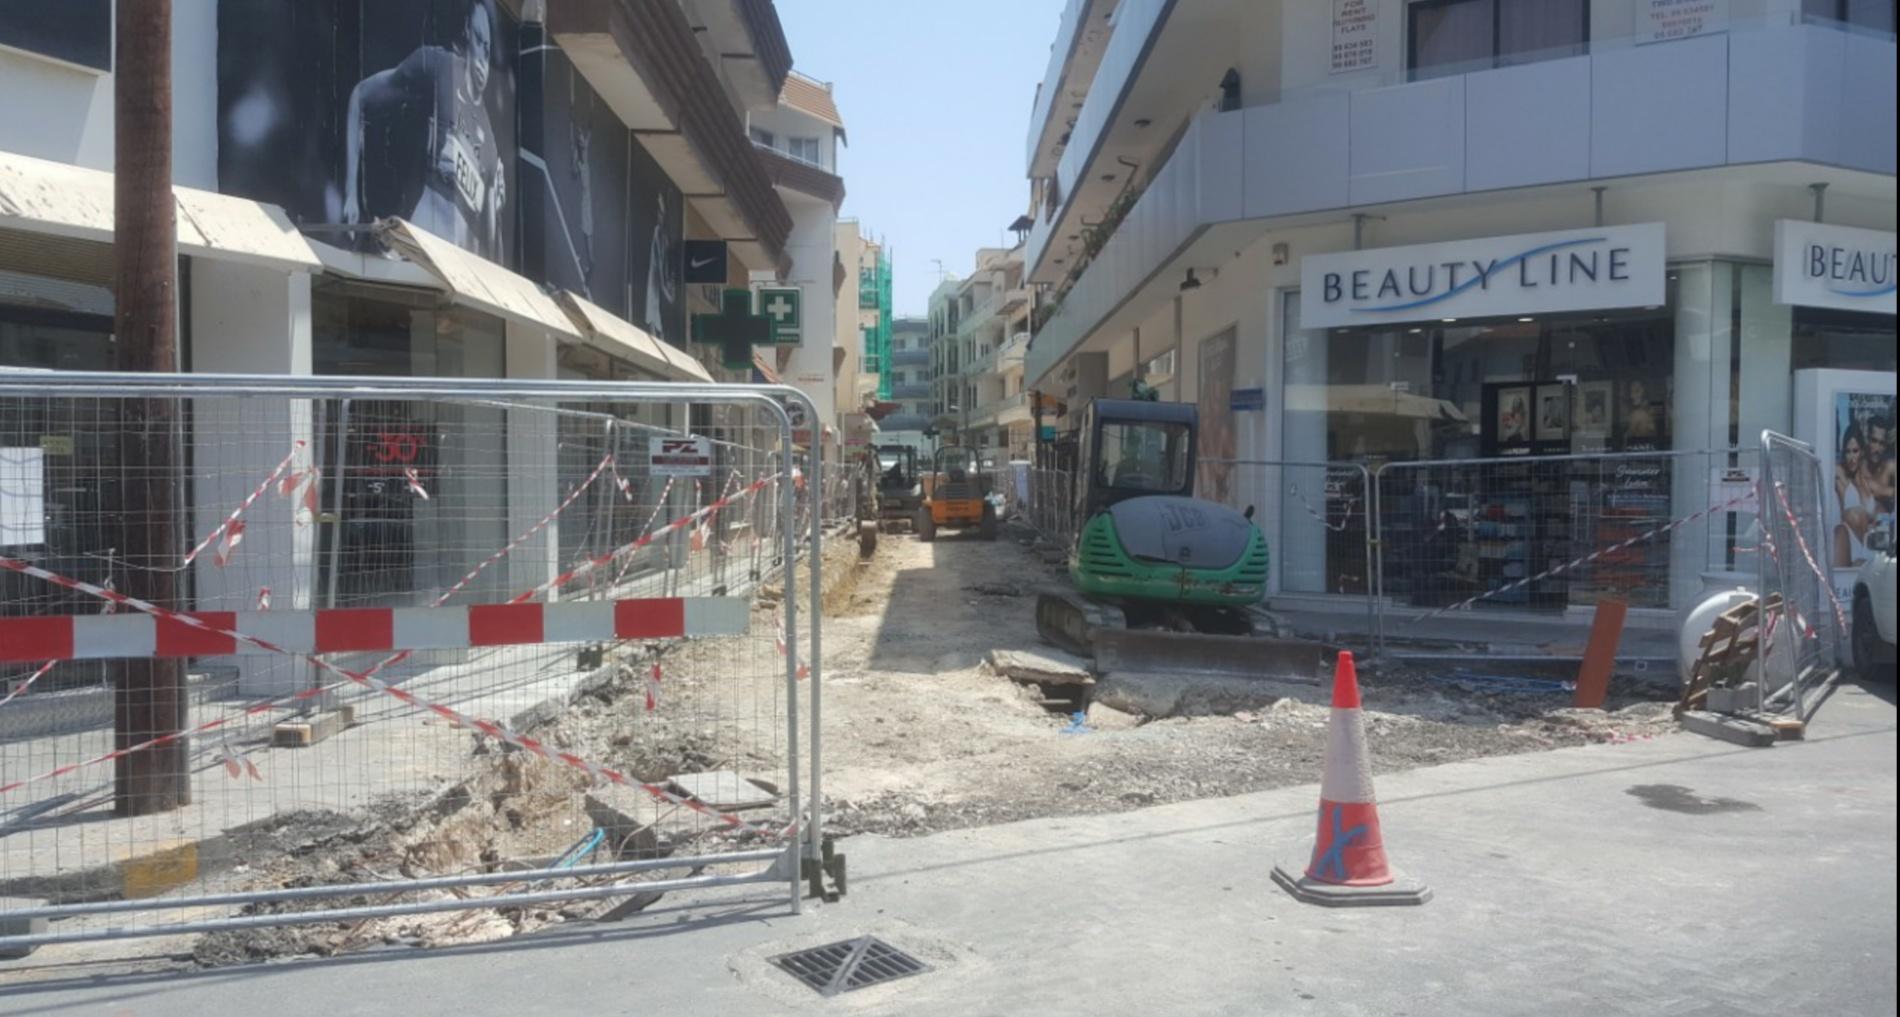 Ταλαιπωρία καταστηματαρχών από τα έργα διευκόλυνσης ΑμεΑ στη Λάρνακα